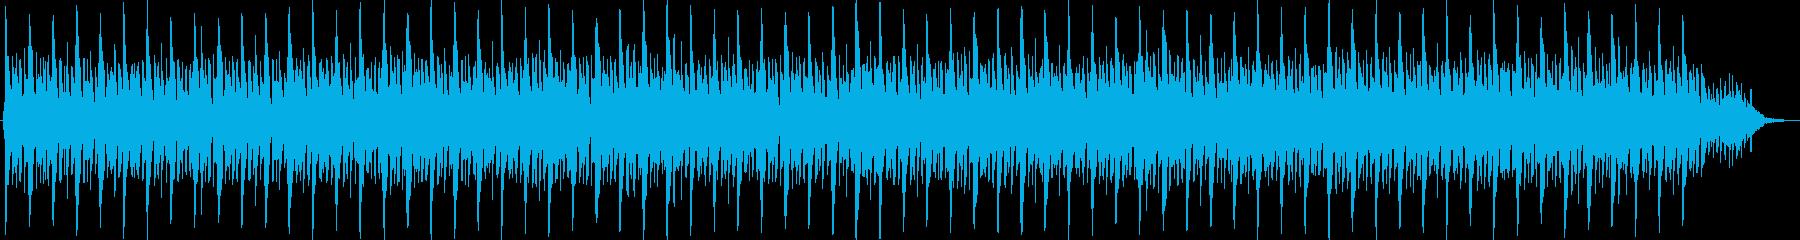 低音ベースが鳴り響くテクノ情熱モダン革新の再生済みの波形